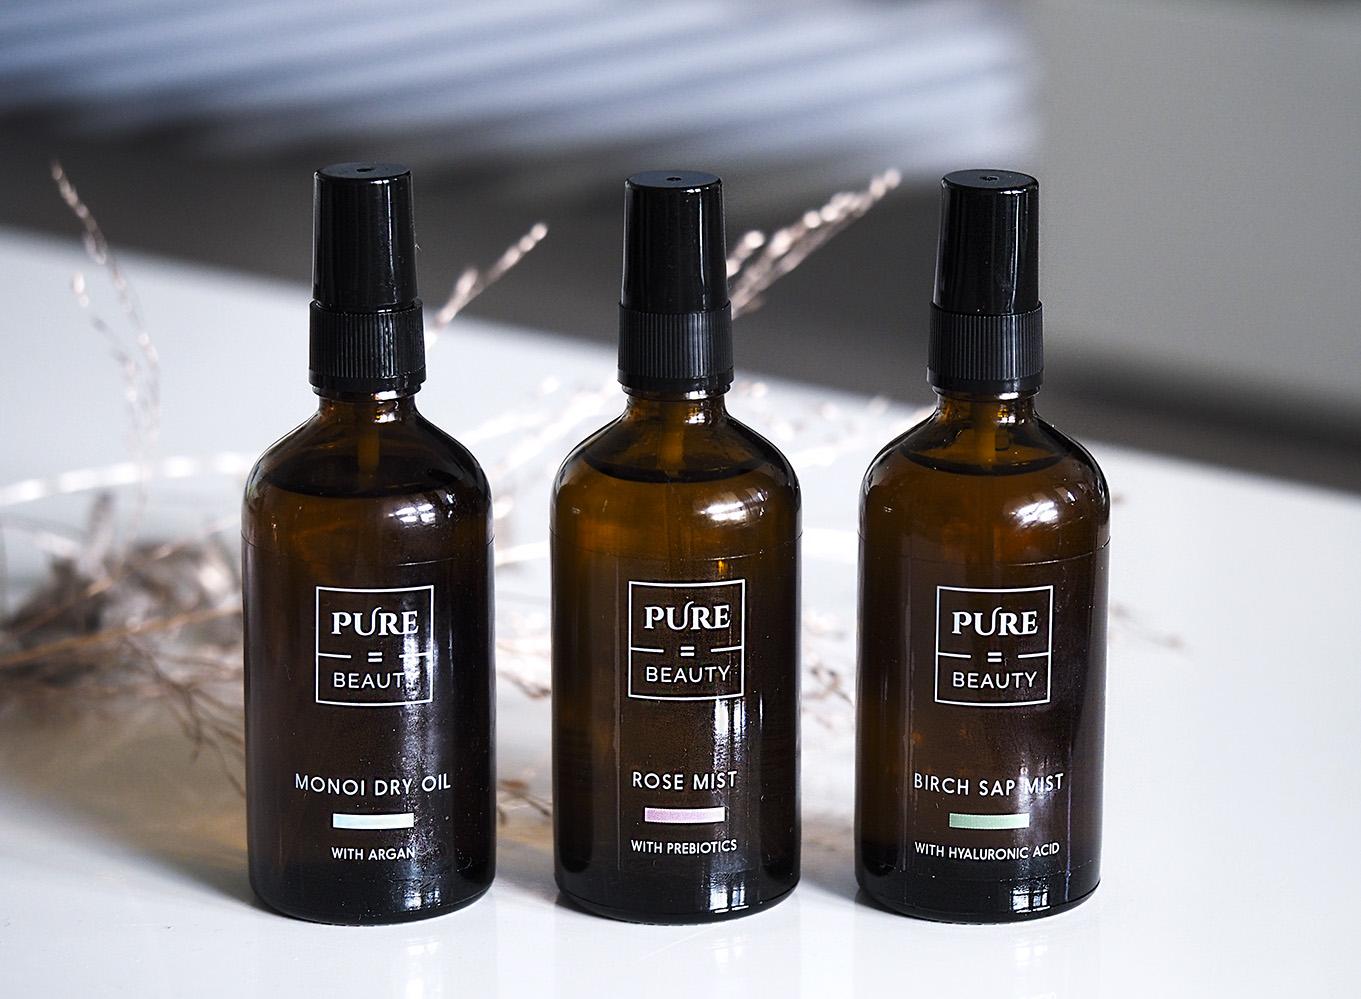 Uusi ihonhoitofilosofiani ja löytö: Uudet Pure=Beautyn kasvovedet